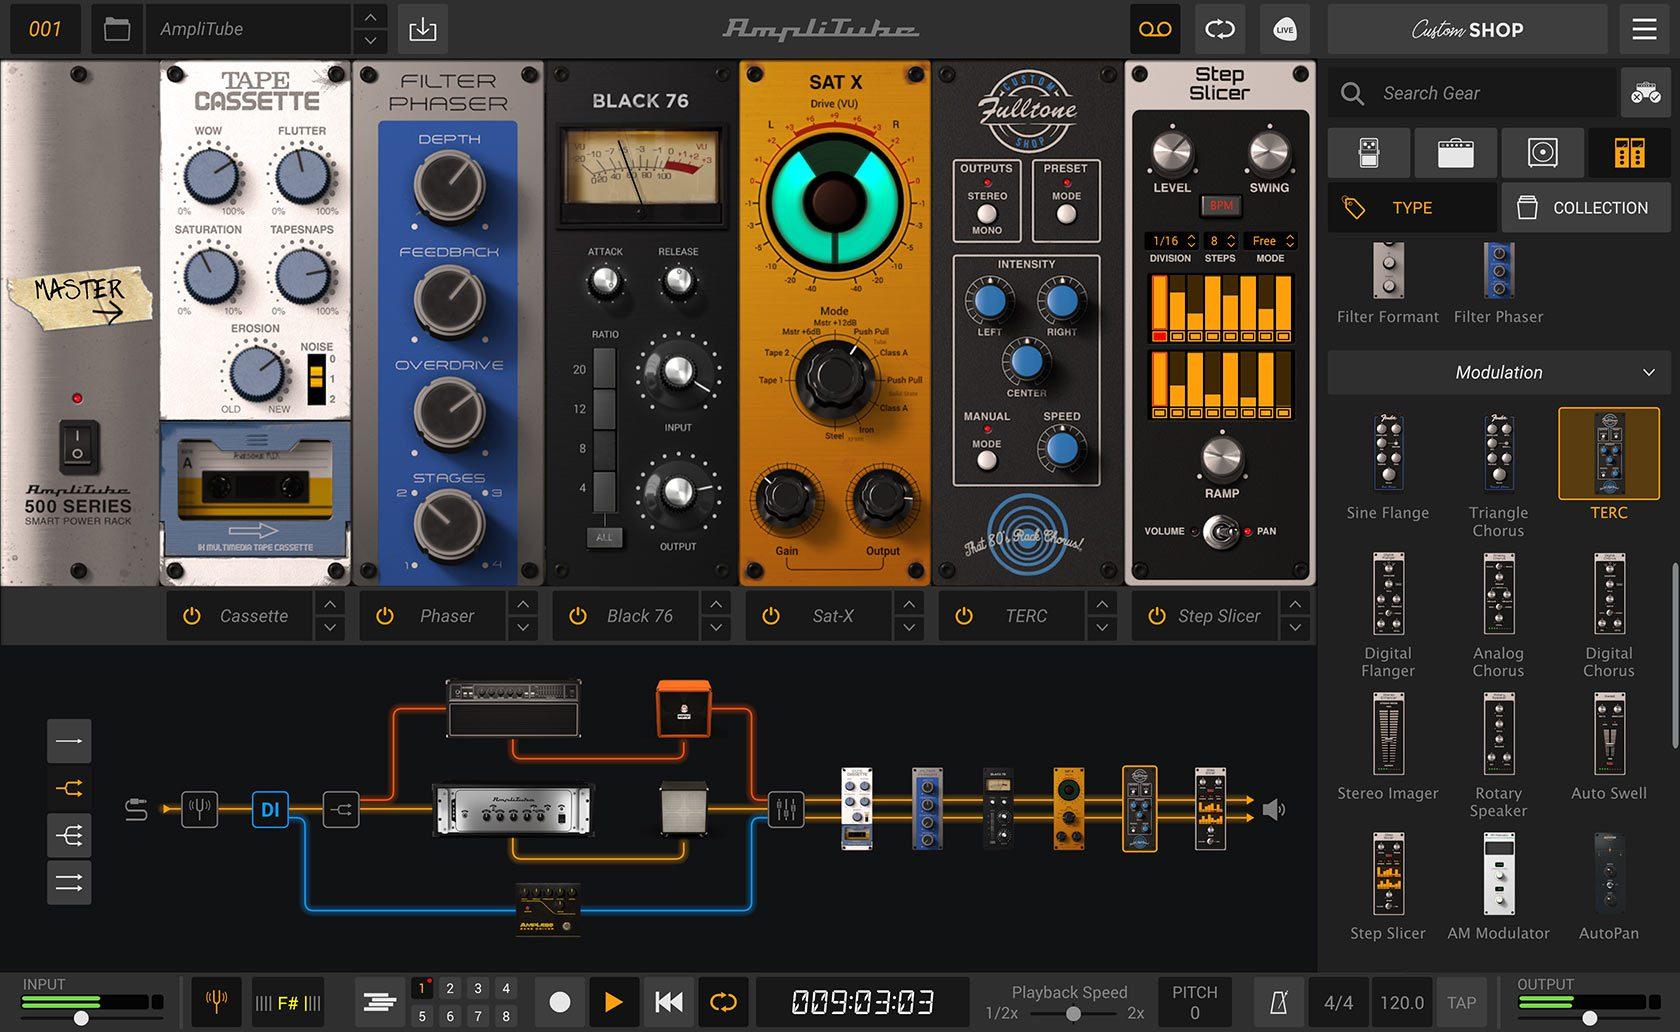 IK Multimedia Amplitube 5 Rack